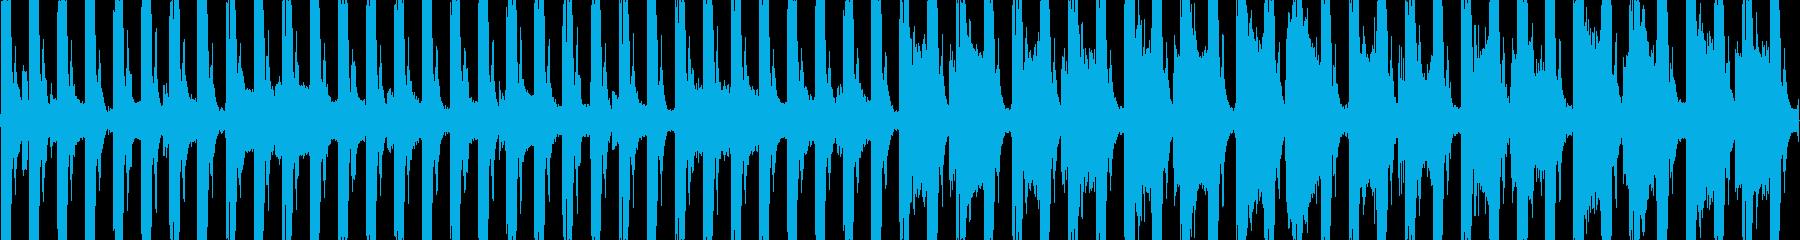 EDMループデモ2 何にでも使いやすい…の再生済みの波形